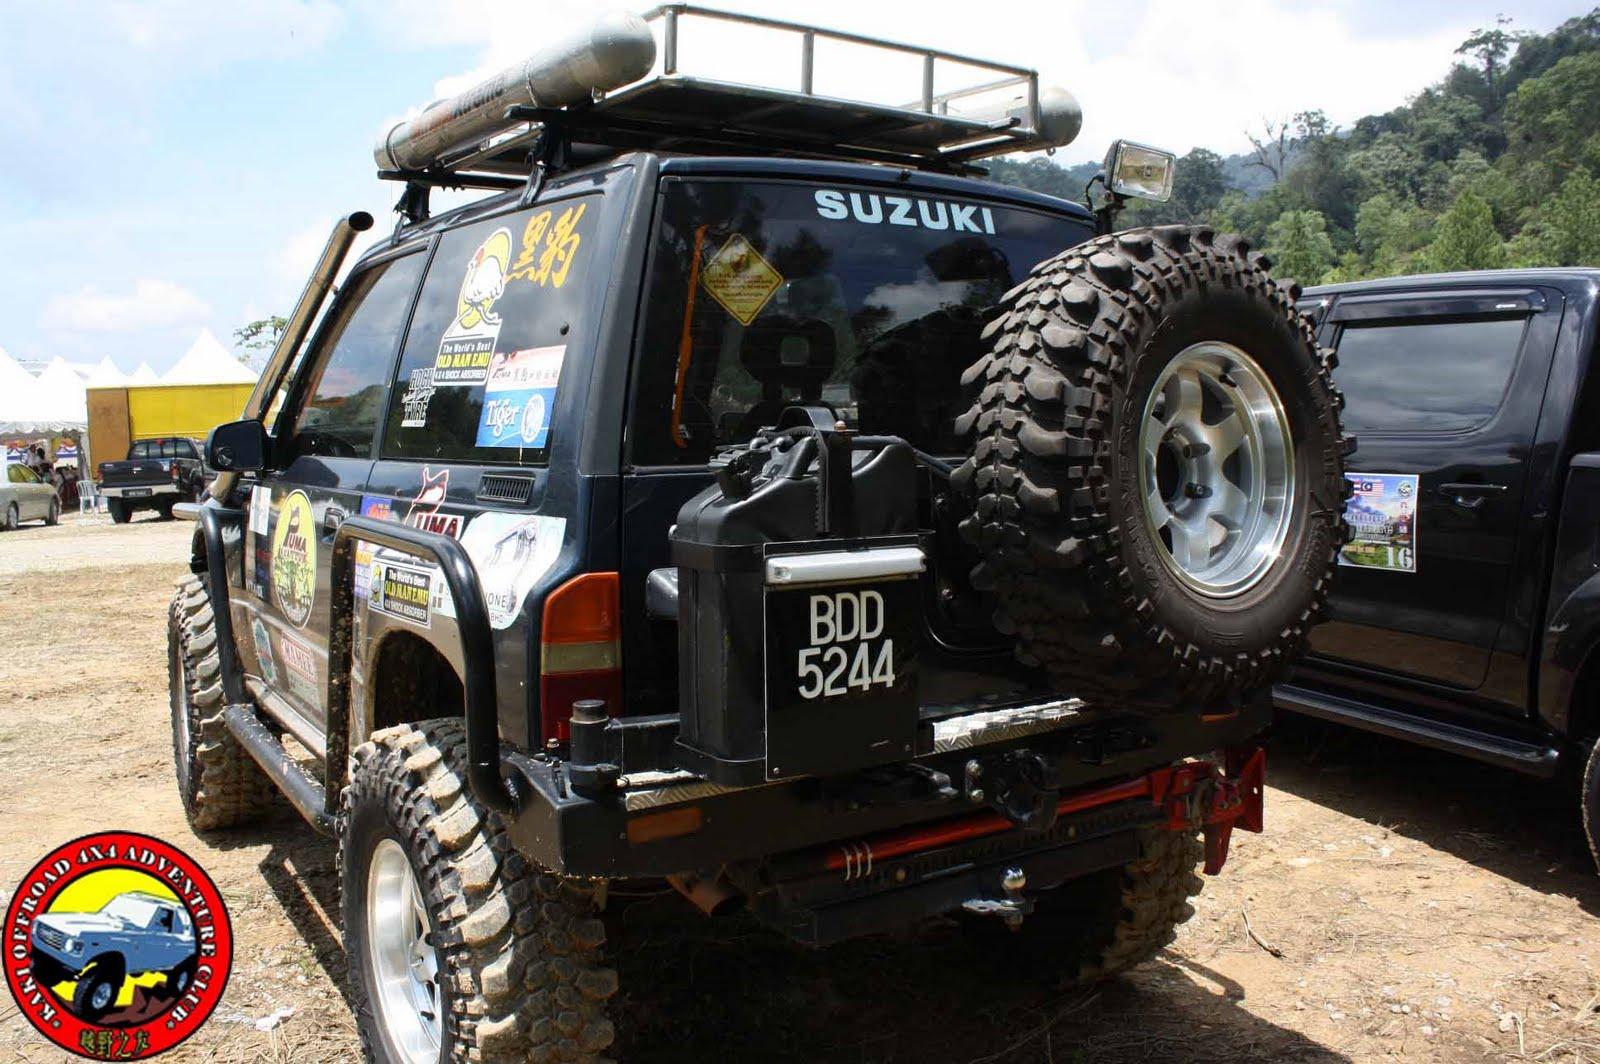 Suzuki Grand Vitara Winch Bumper